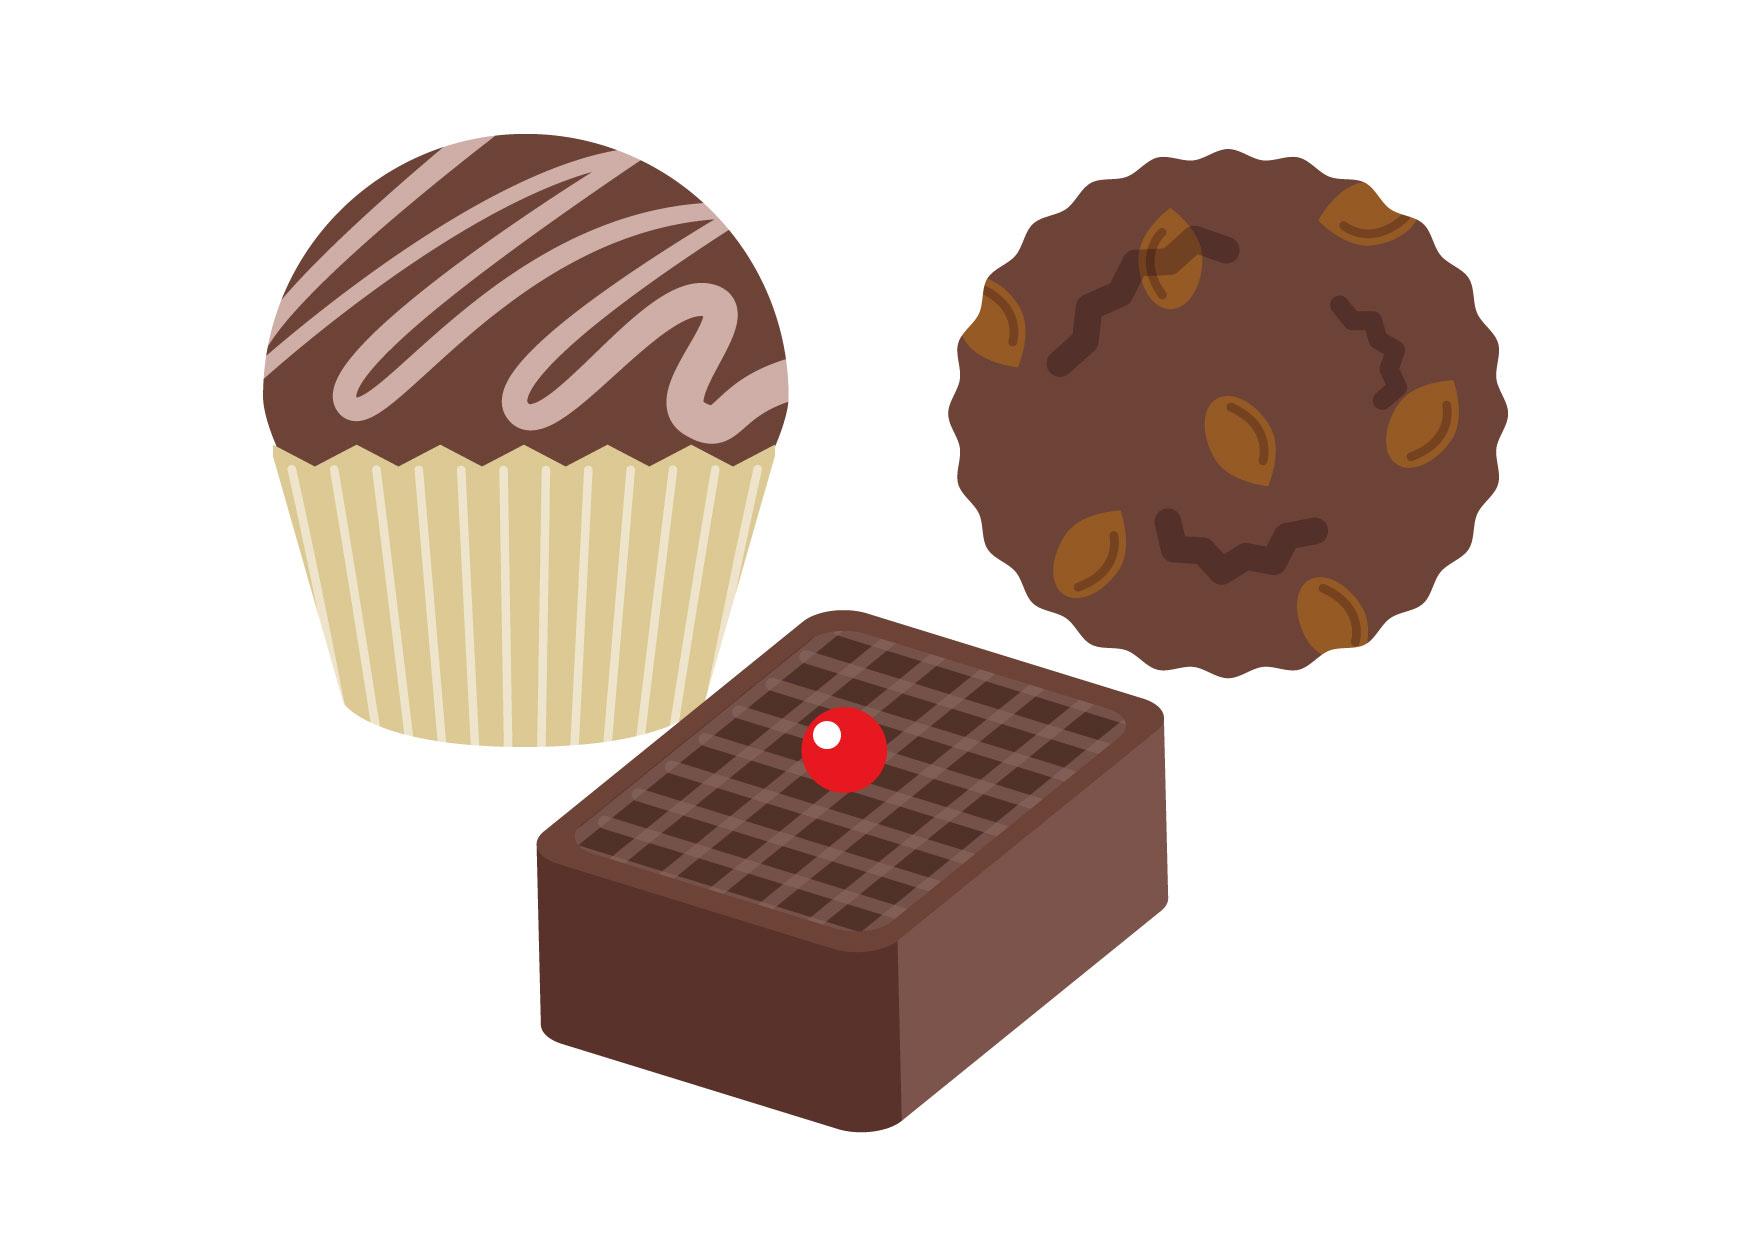 バレンタイン チョコレート イラスト 無料